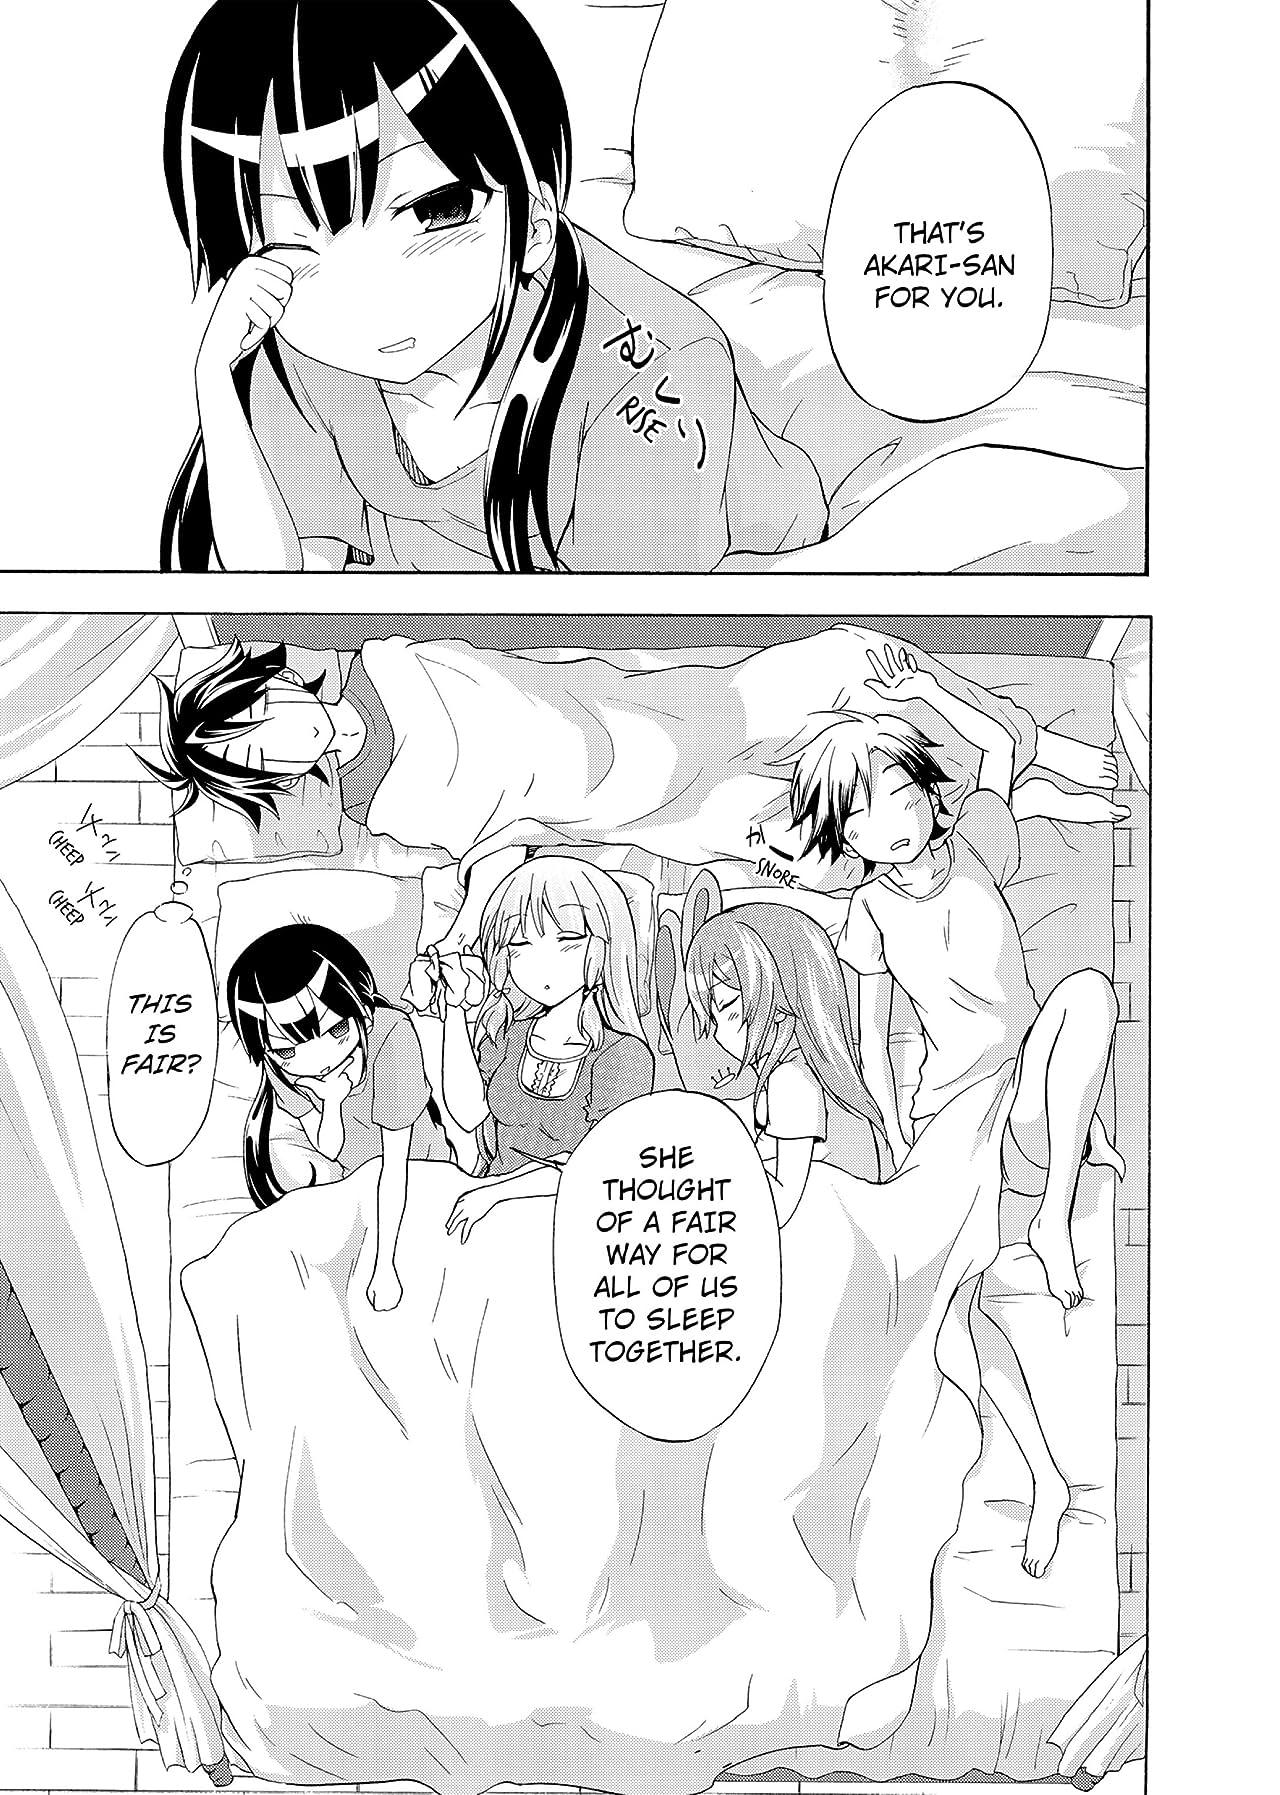 Maga-Tsuki #23